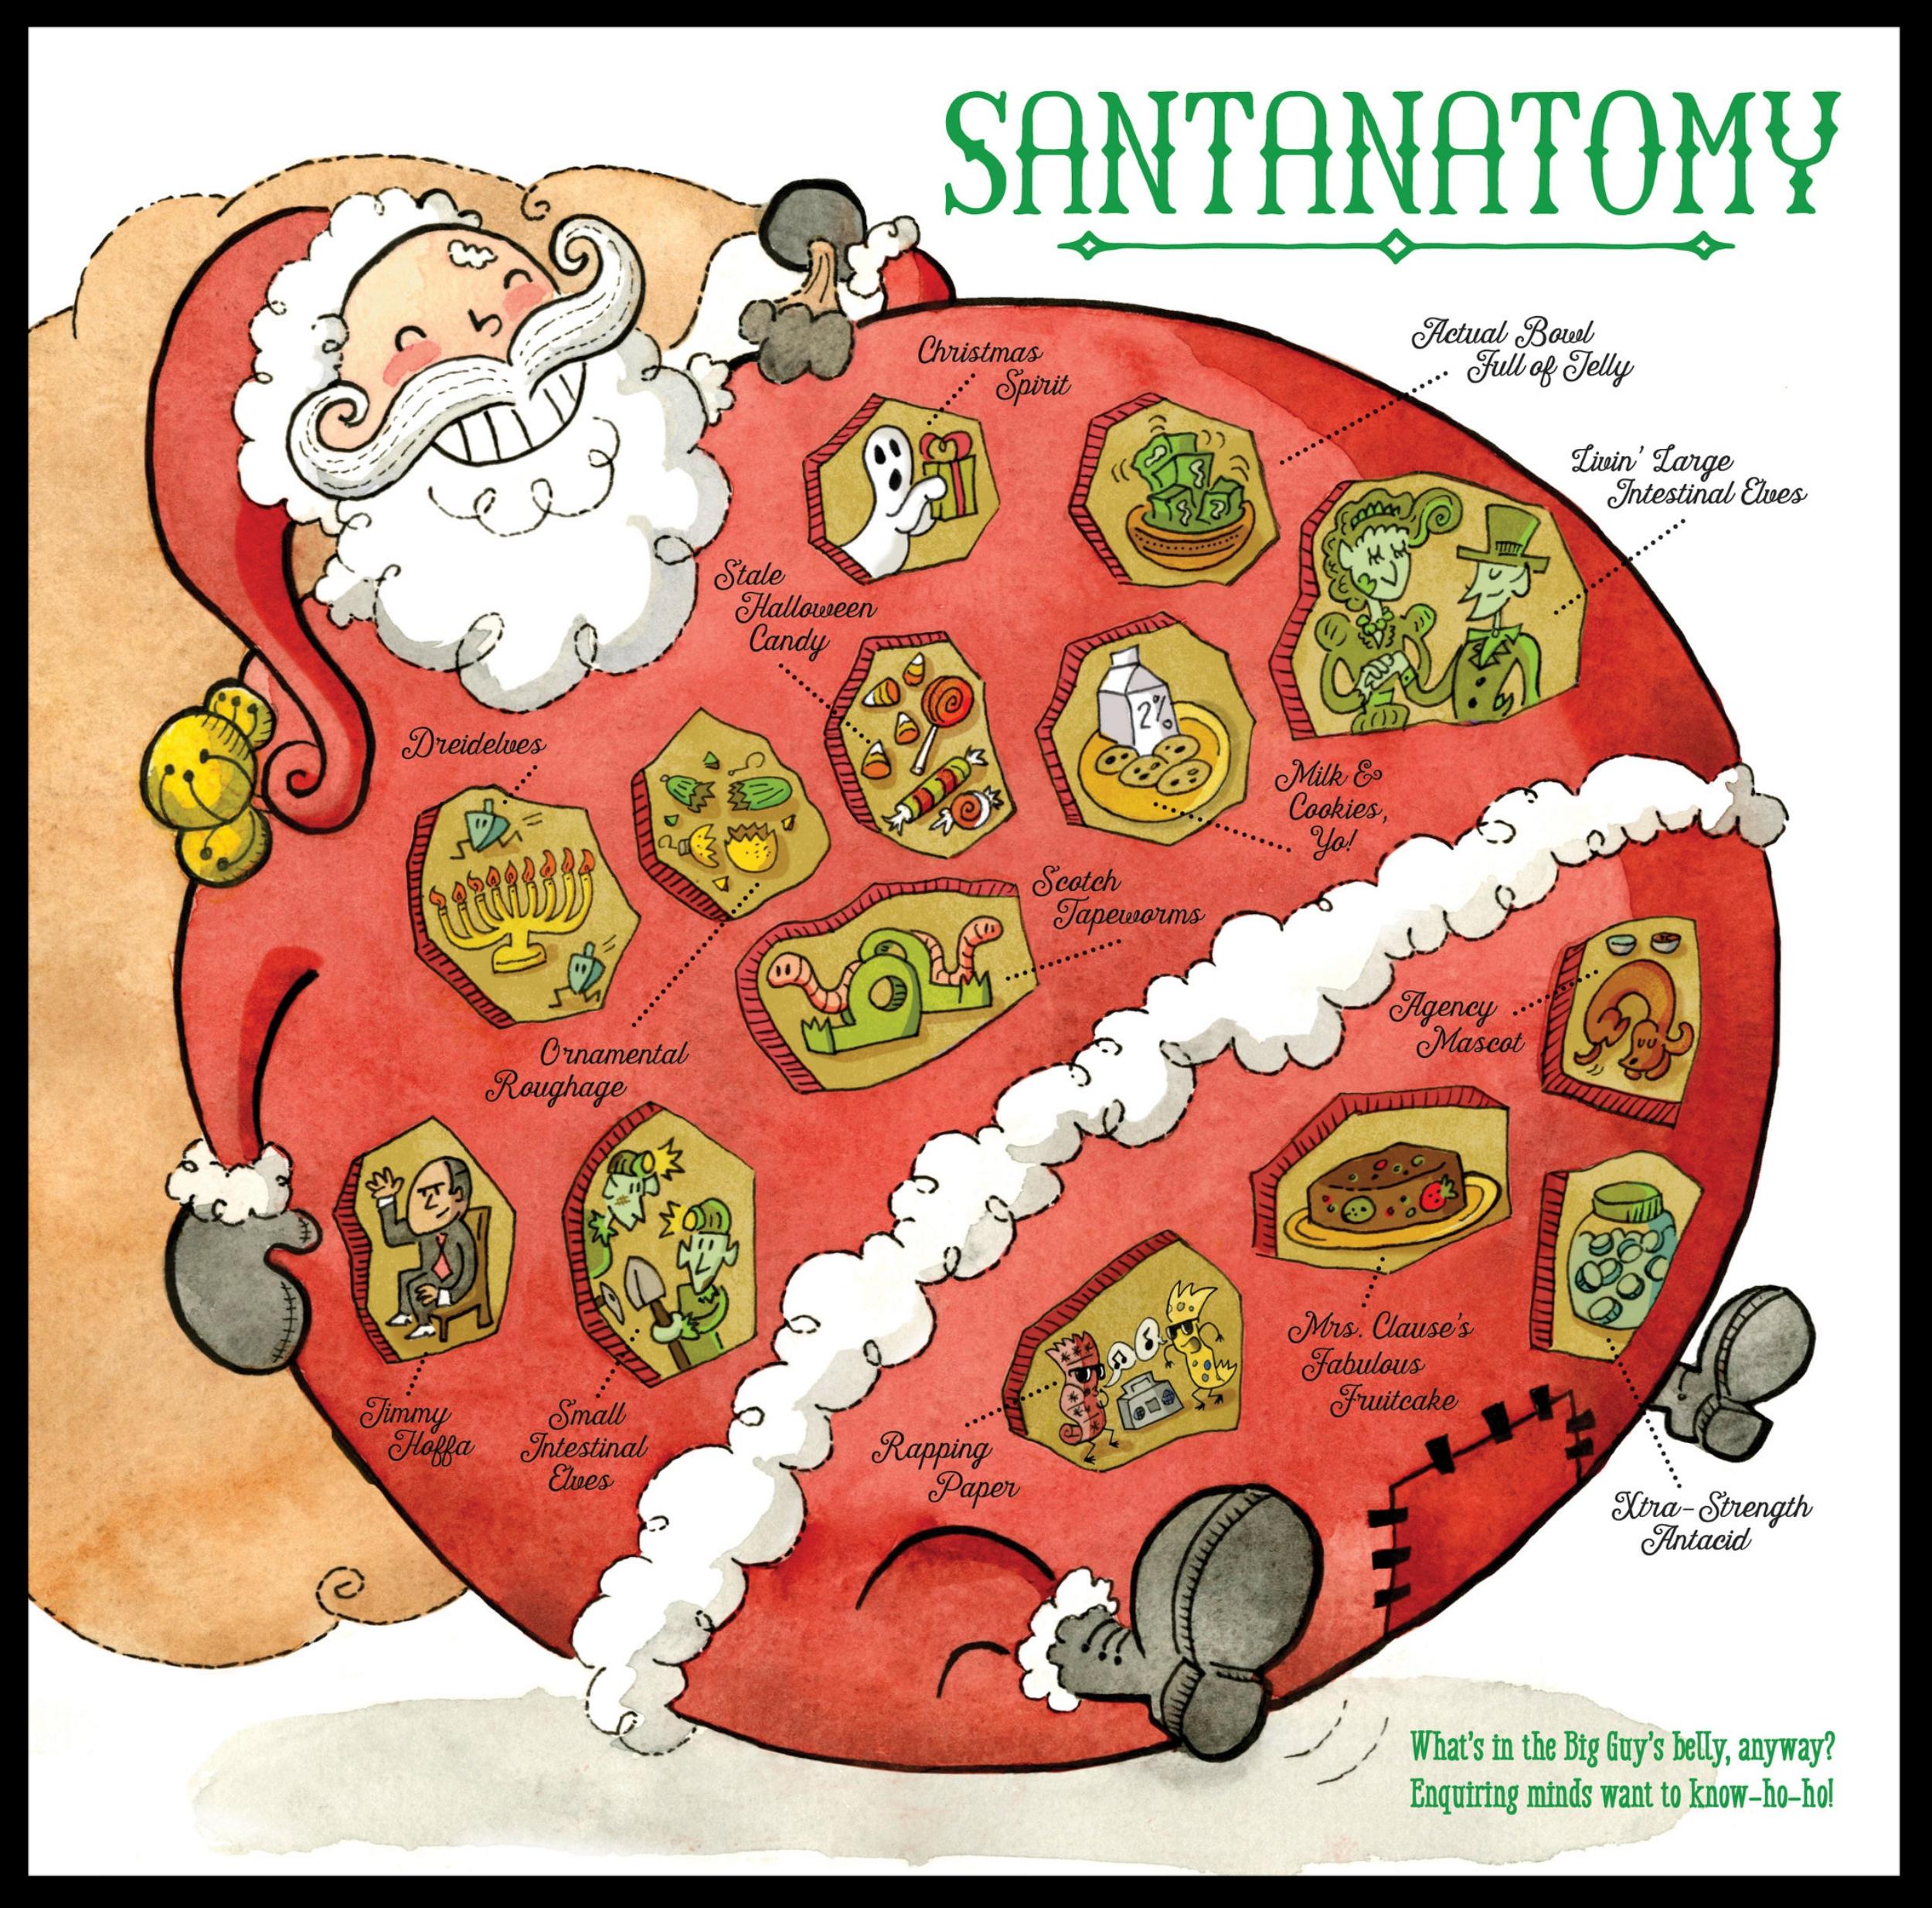 Santanatomy, 2016